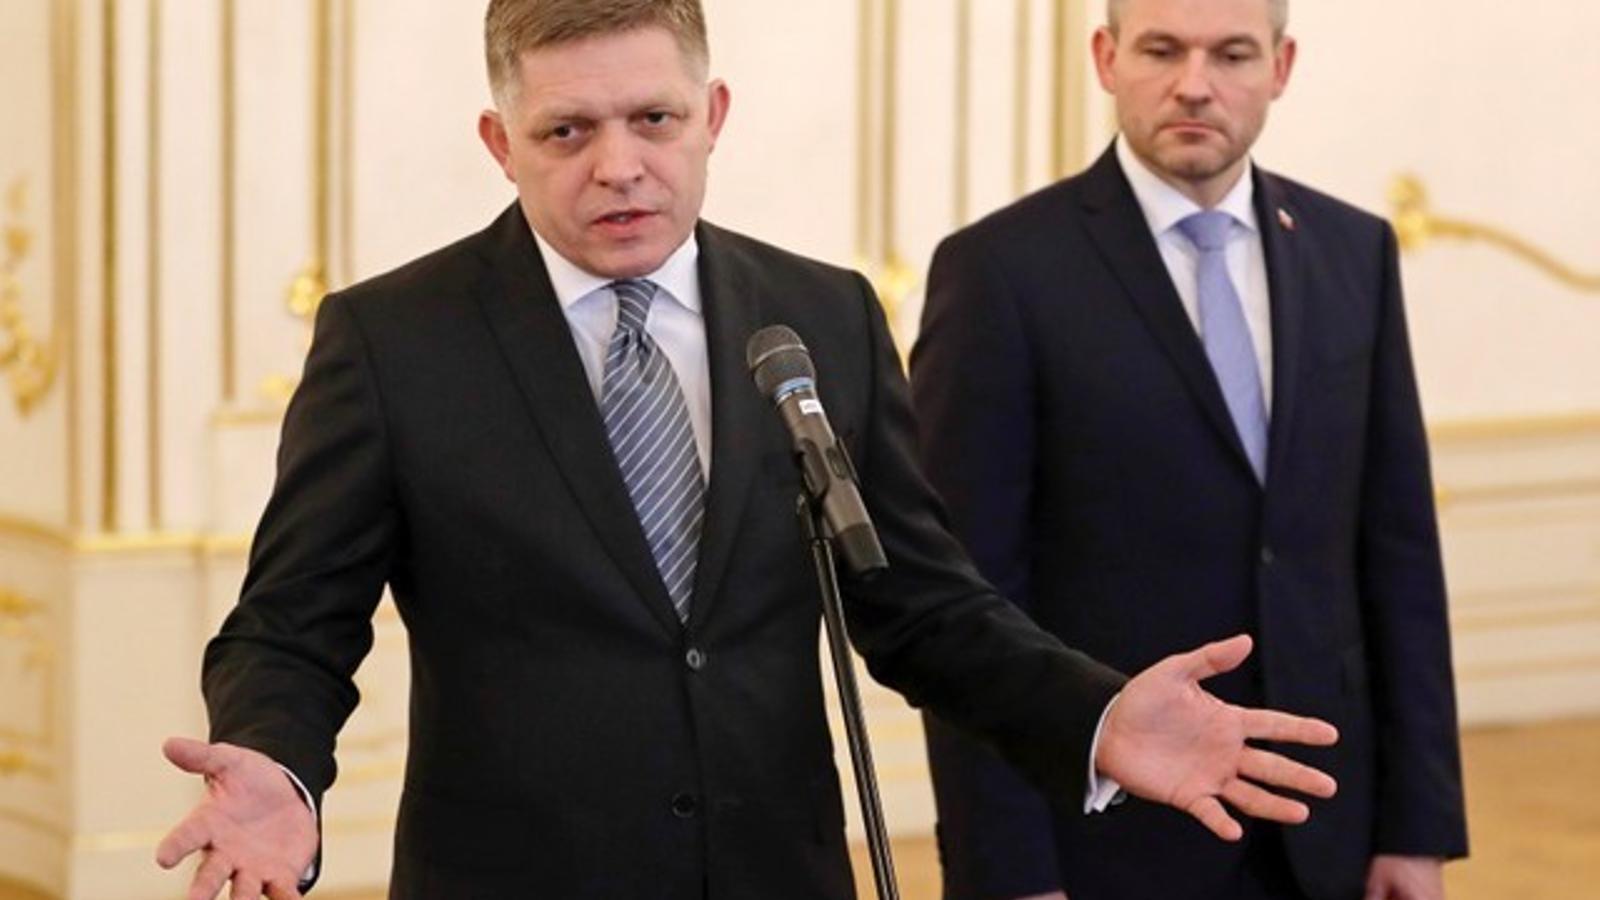 El primer ministre sortint d'Eslovàquia, Robert Fico, anuncia la seva dimissió al costat del seu successor, Peter Pellegrini.